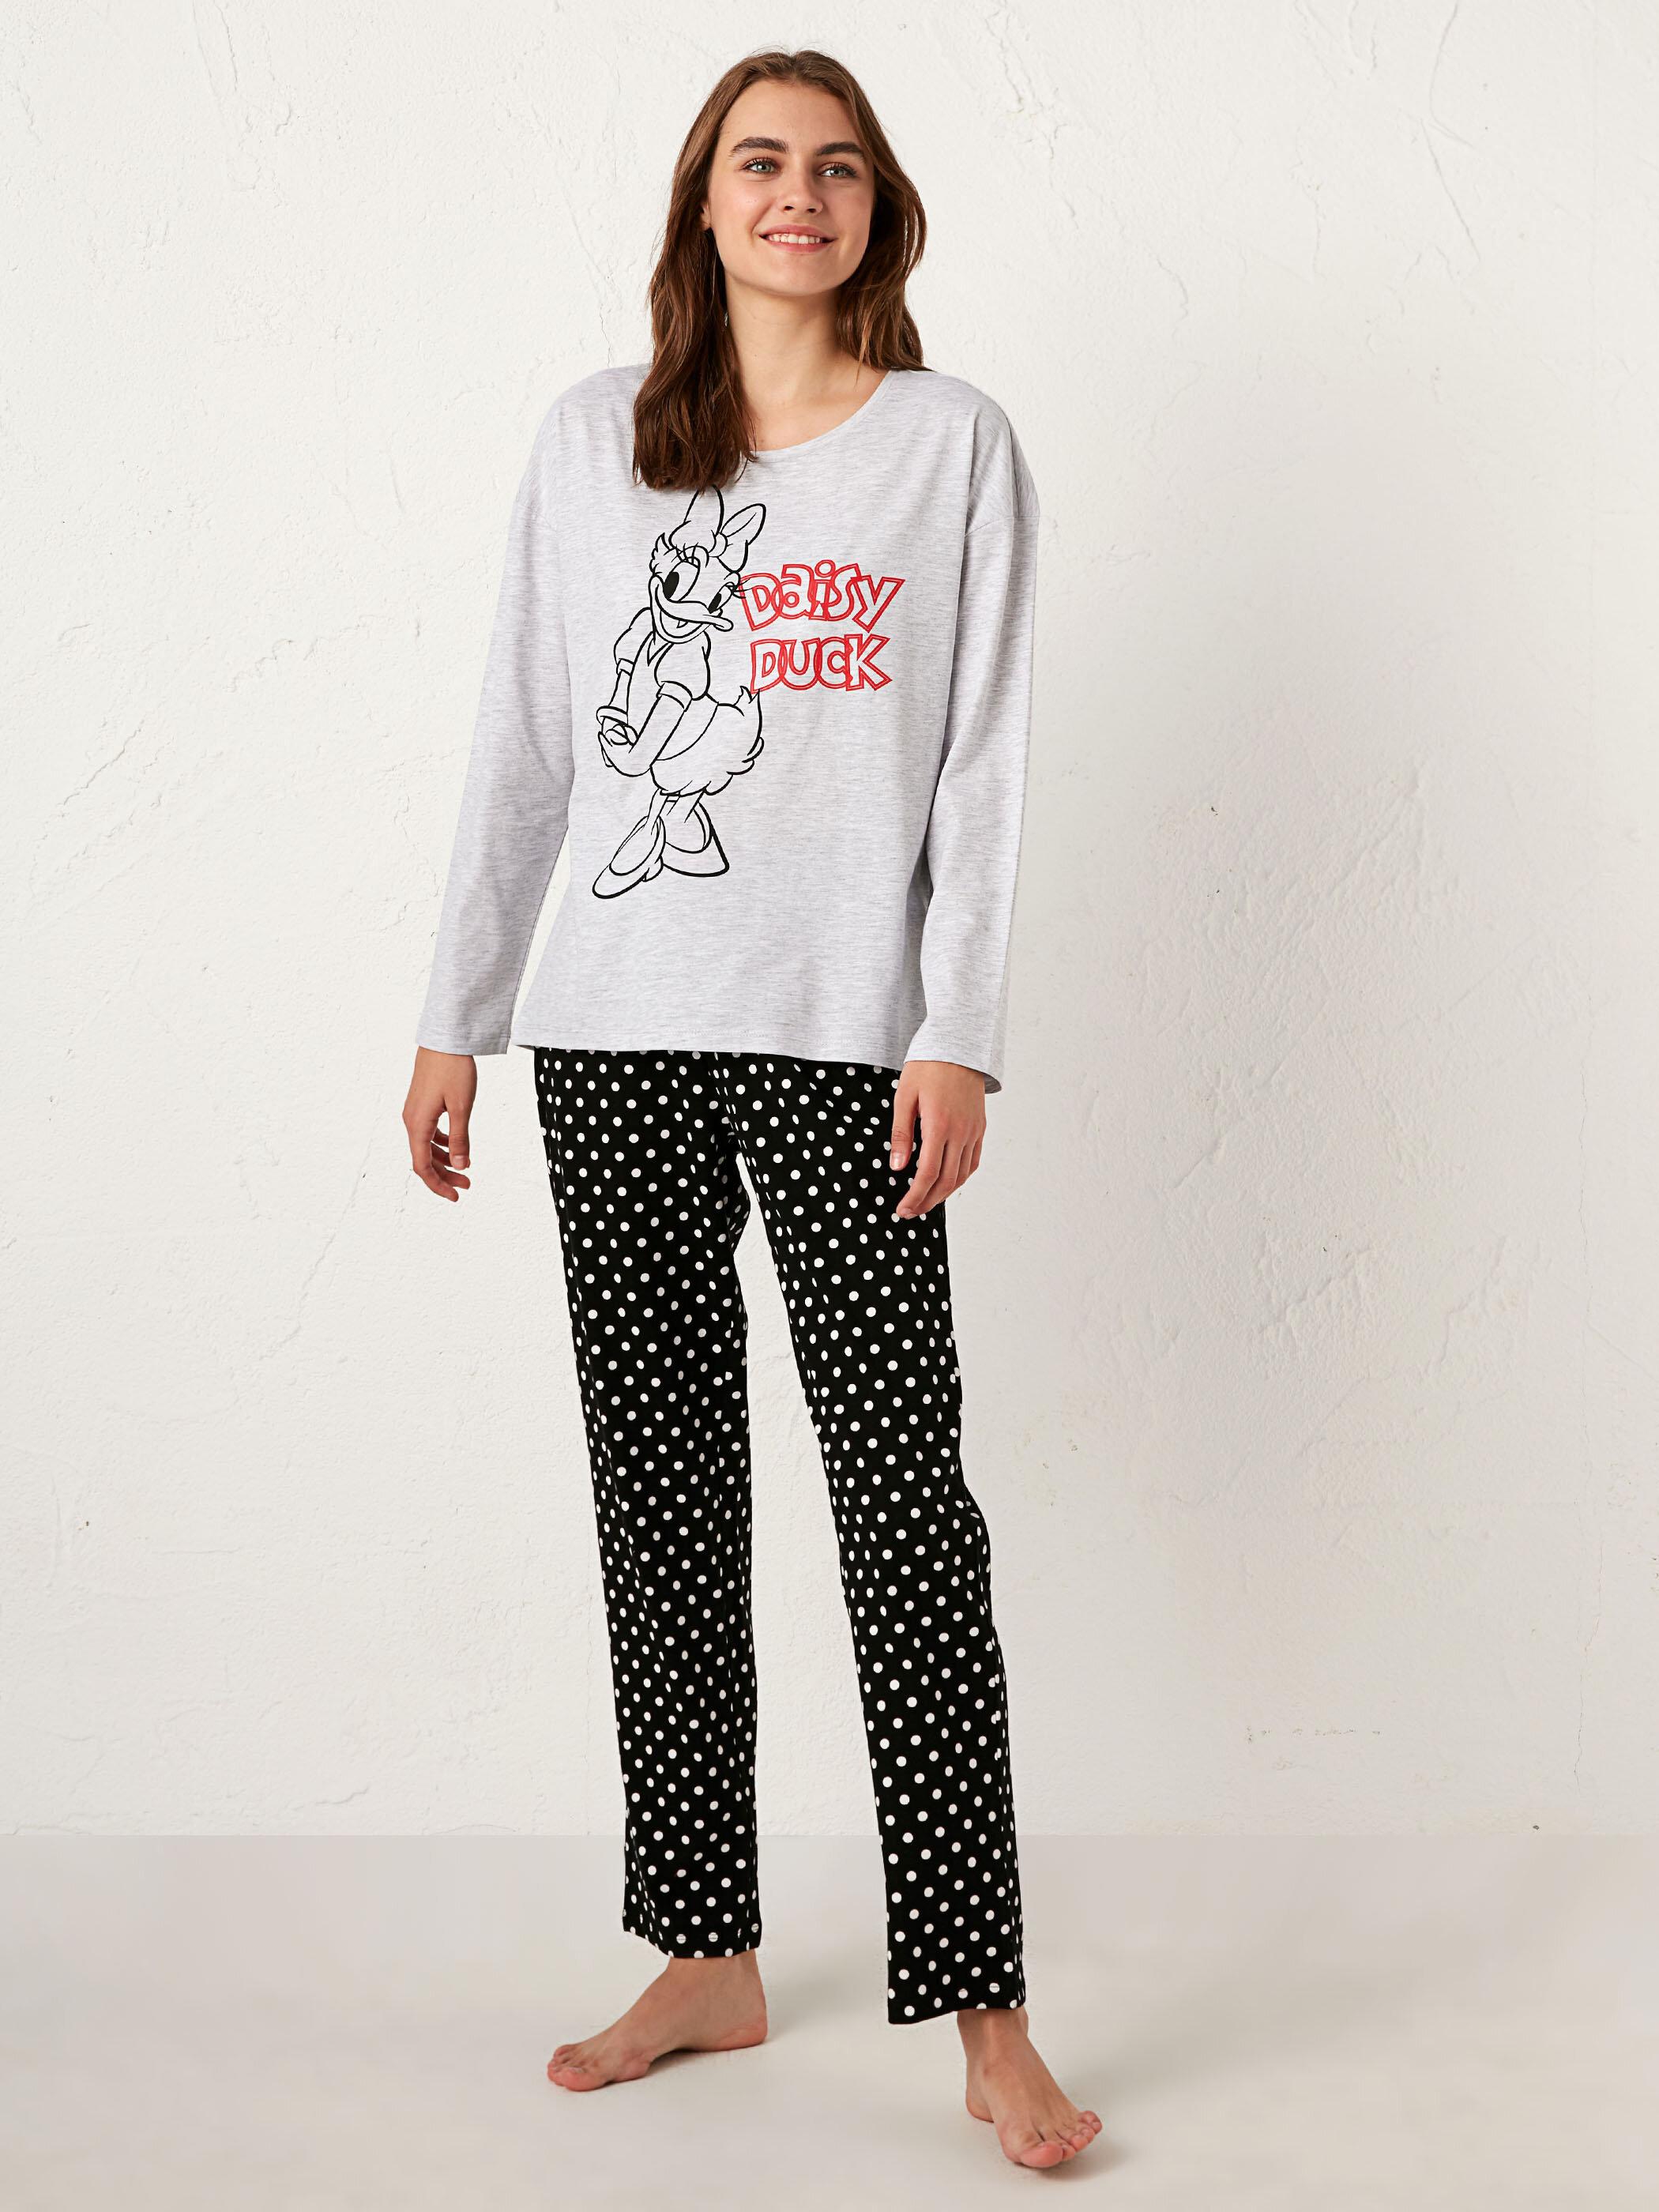 Daisy Duck Baskılı Pijama Takımı - LC WAIKIKI